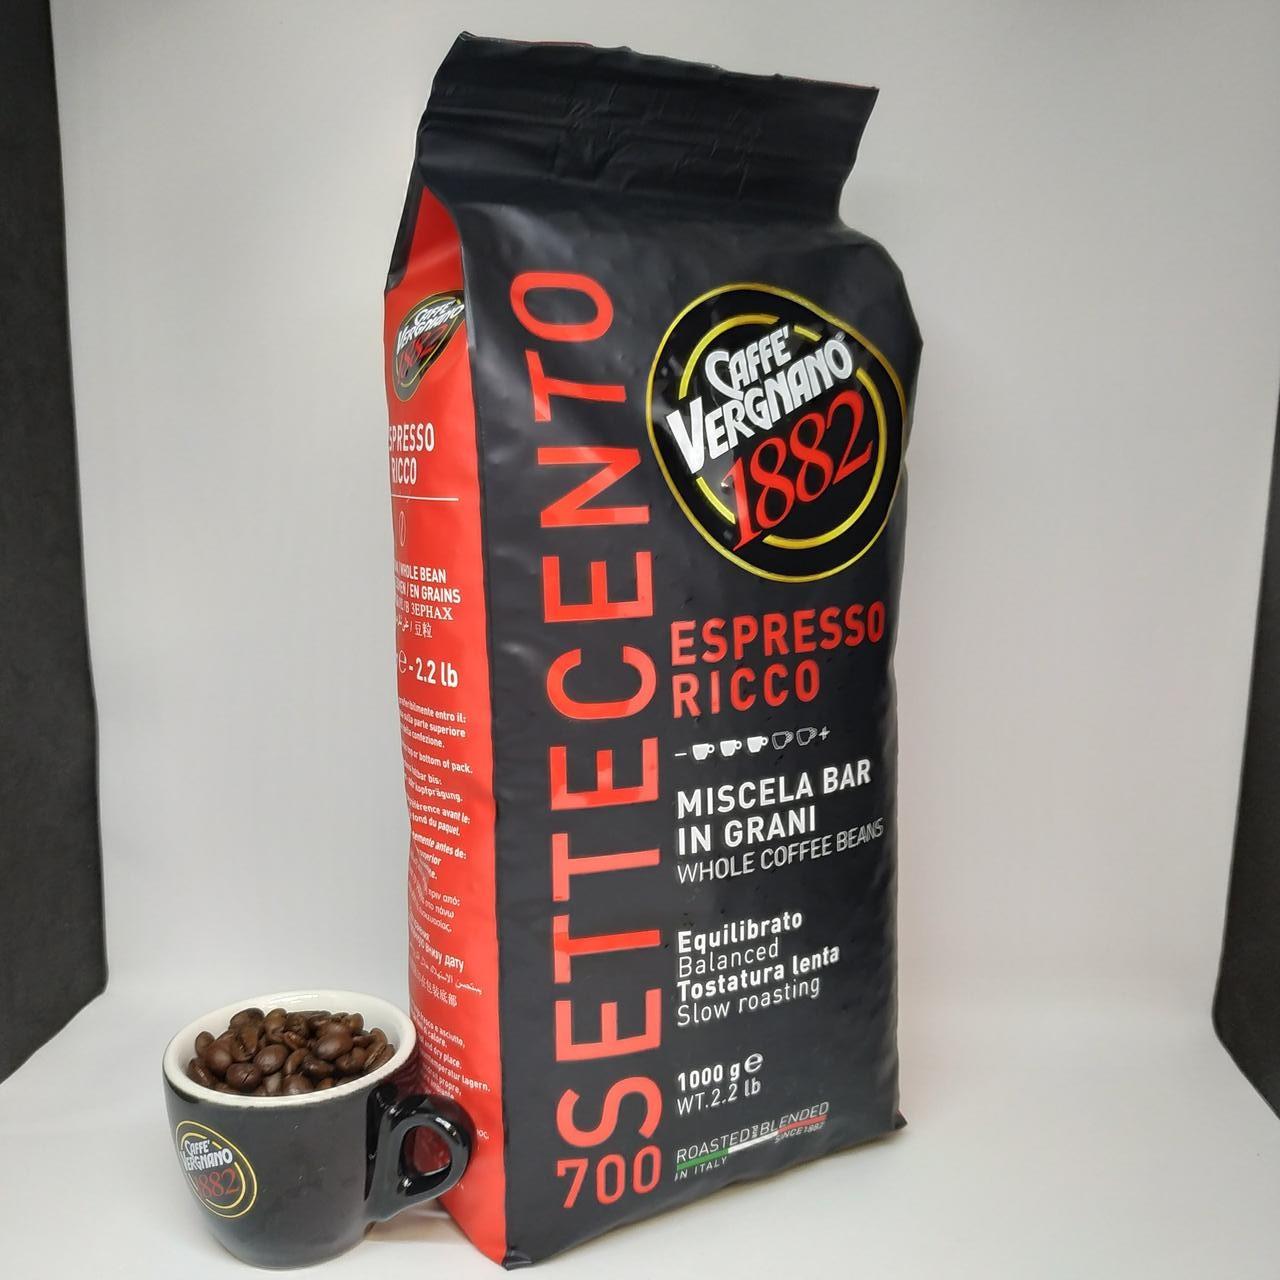 Caffe Vergnano 1882 Espresso RICCO 700 - Кофе в зернах